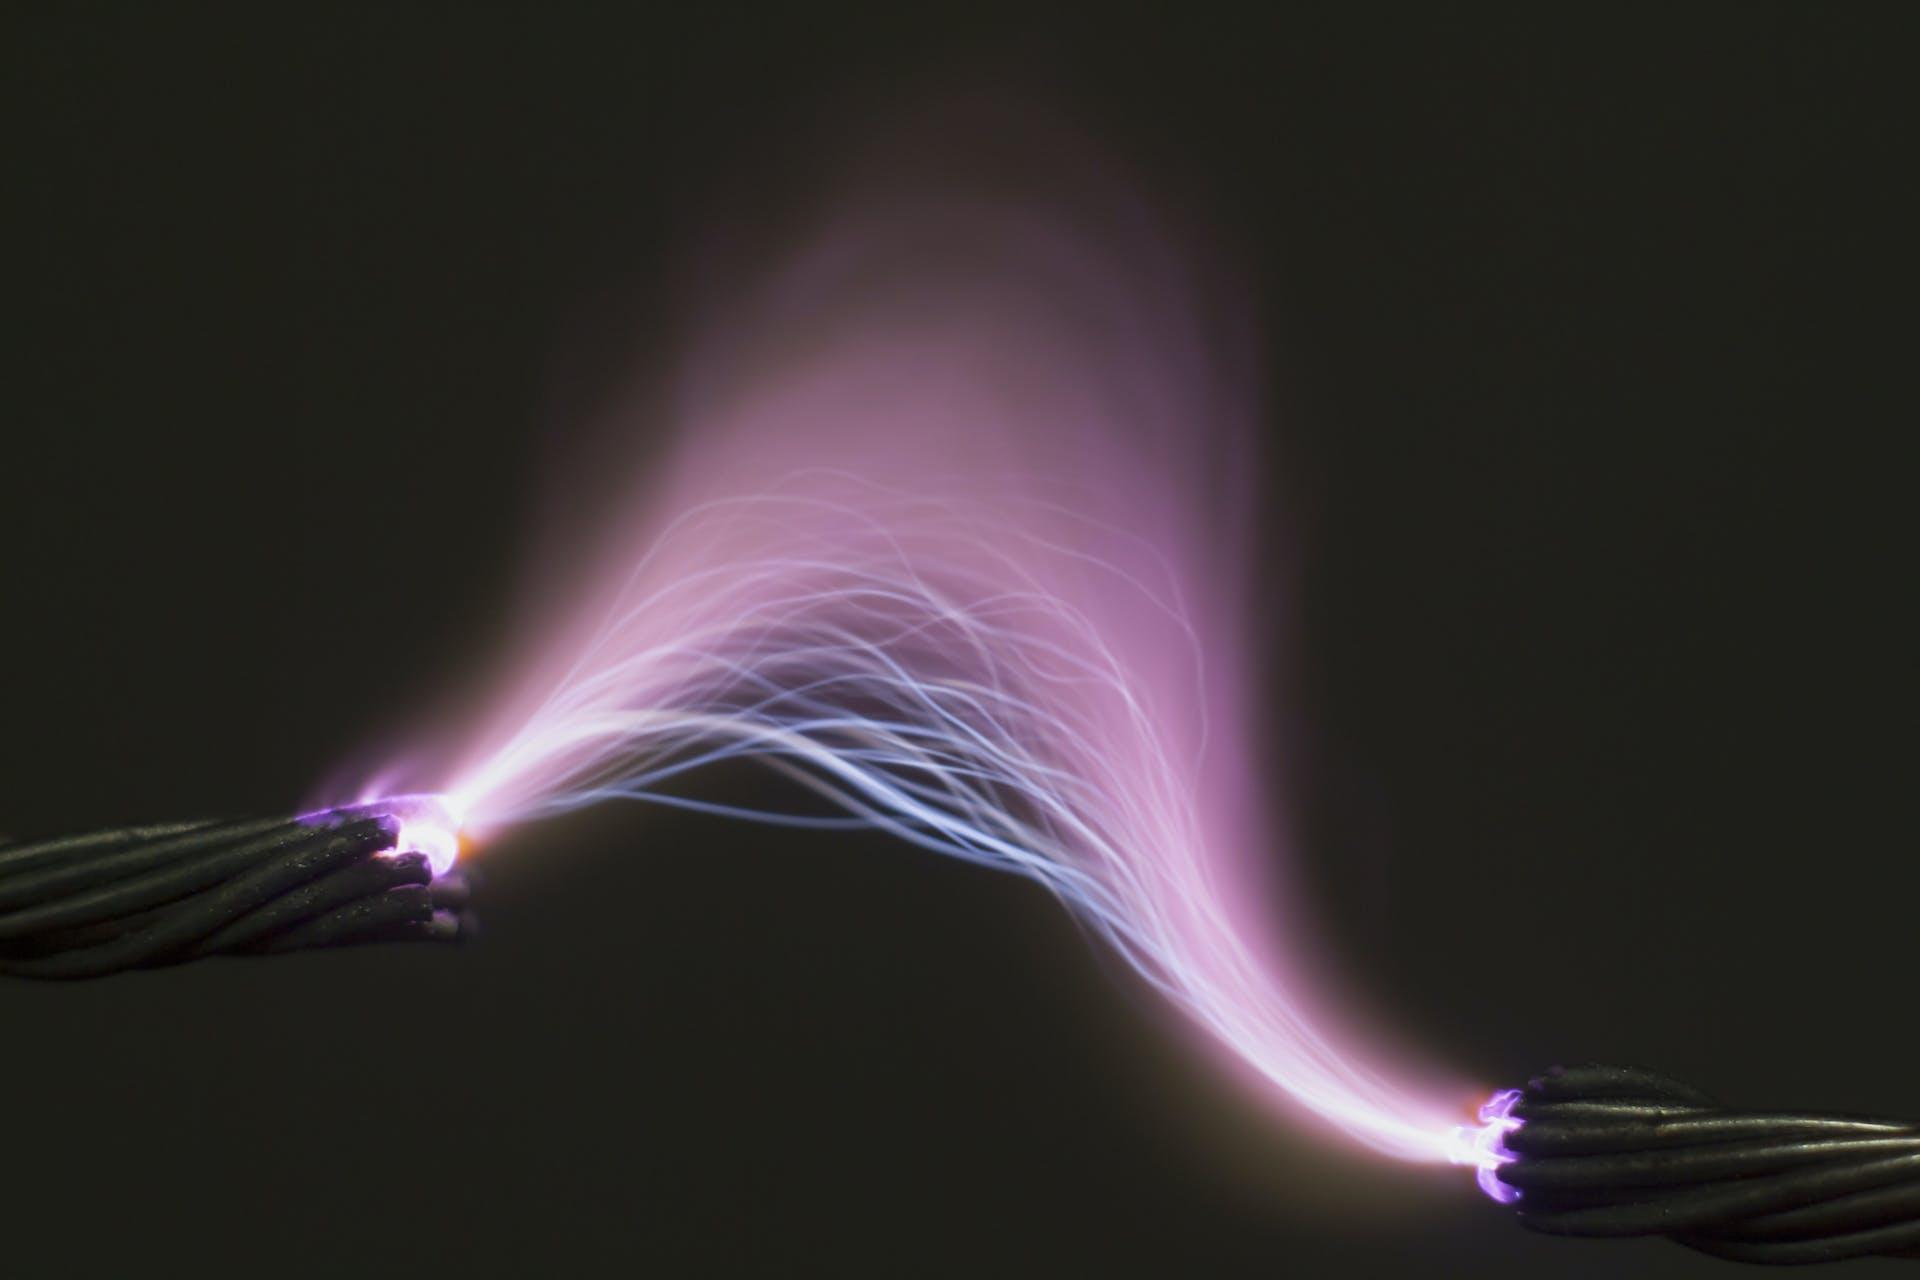 elektrisk strøm